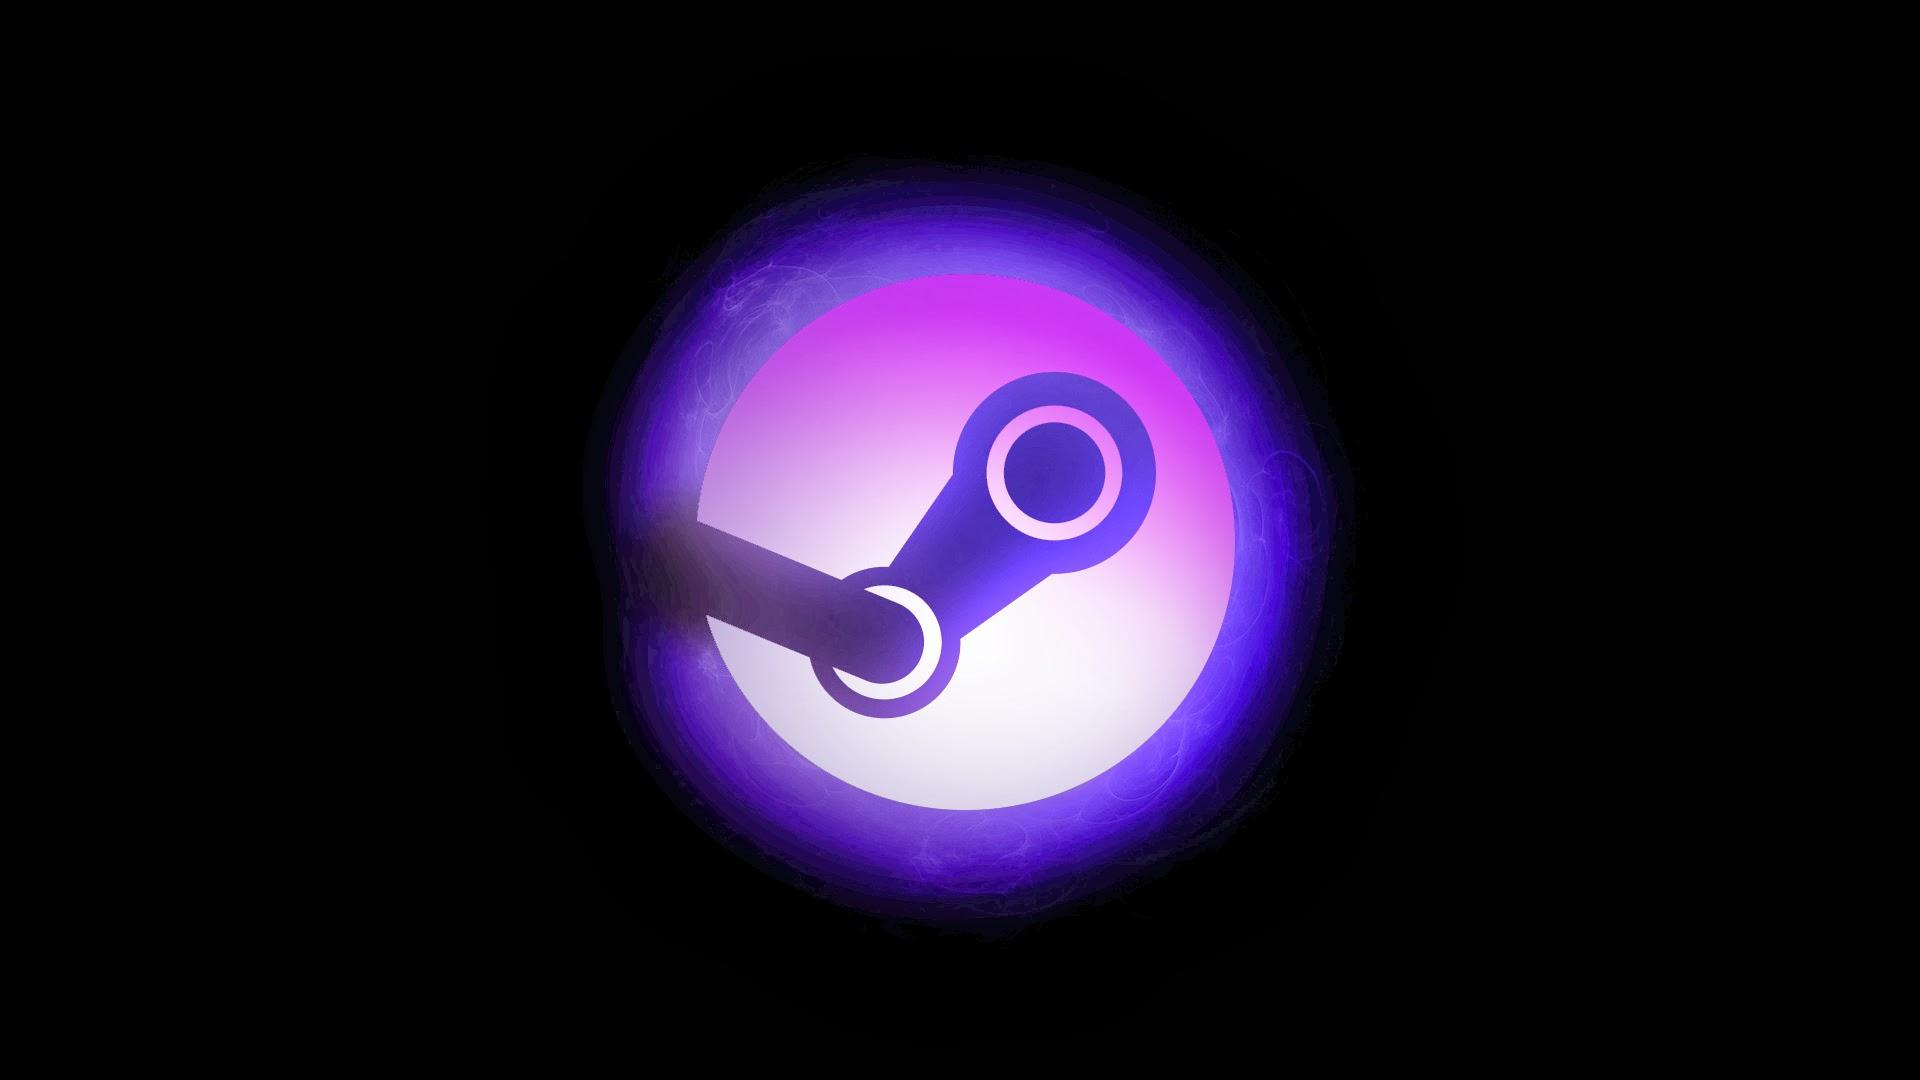 Steam remboursement des jeux